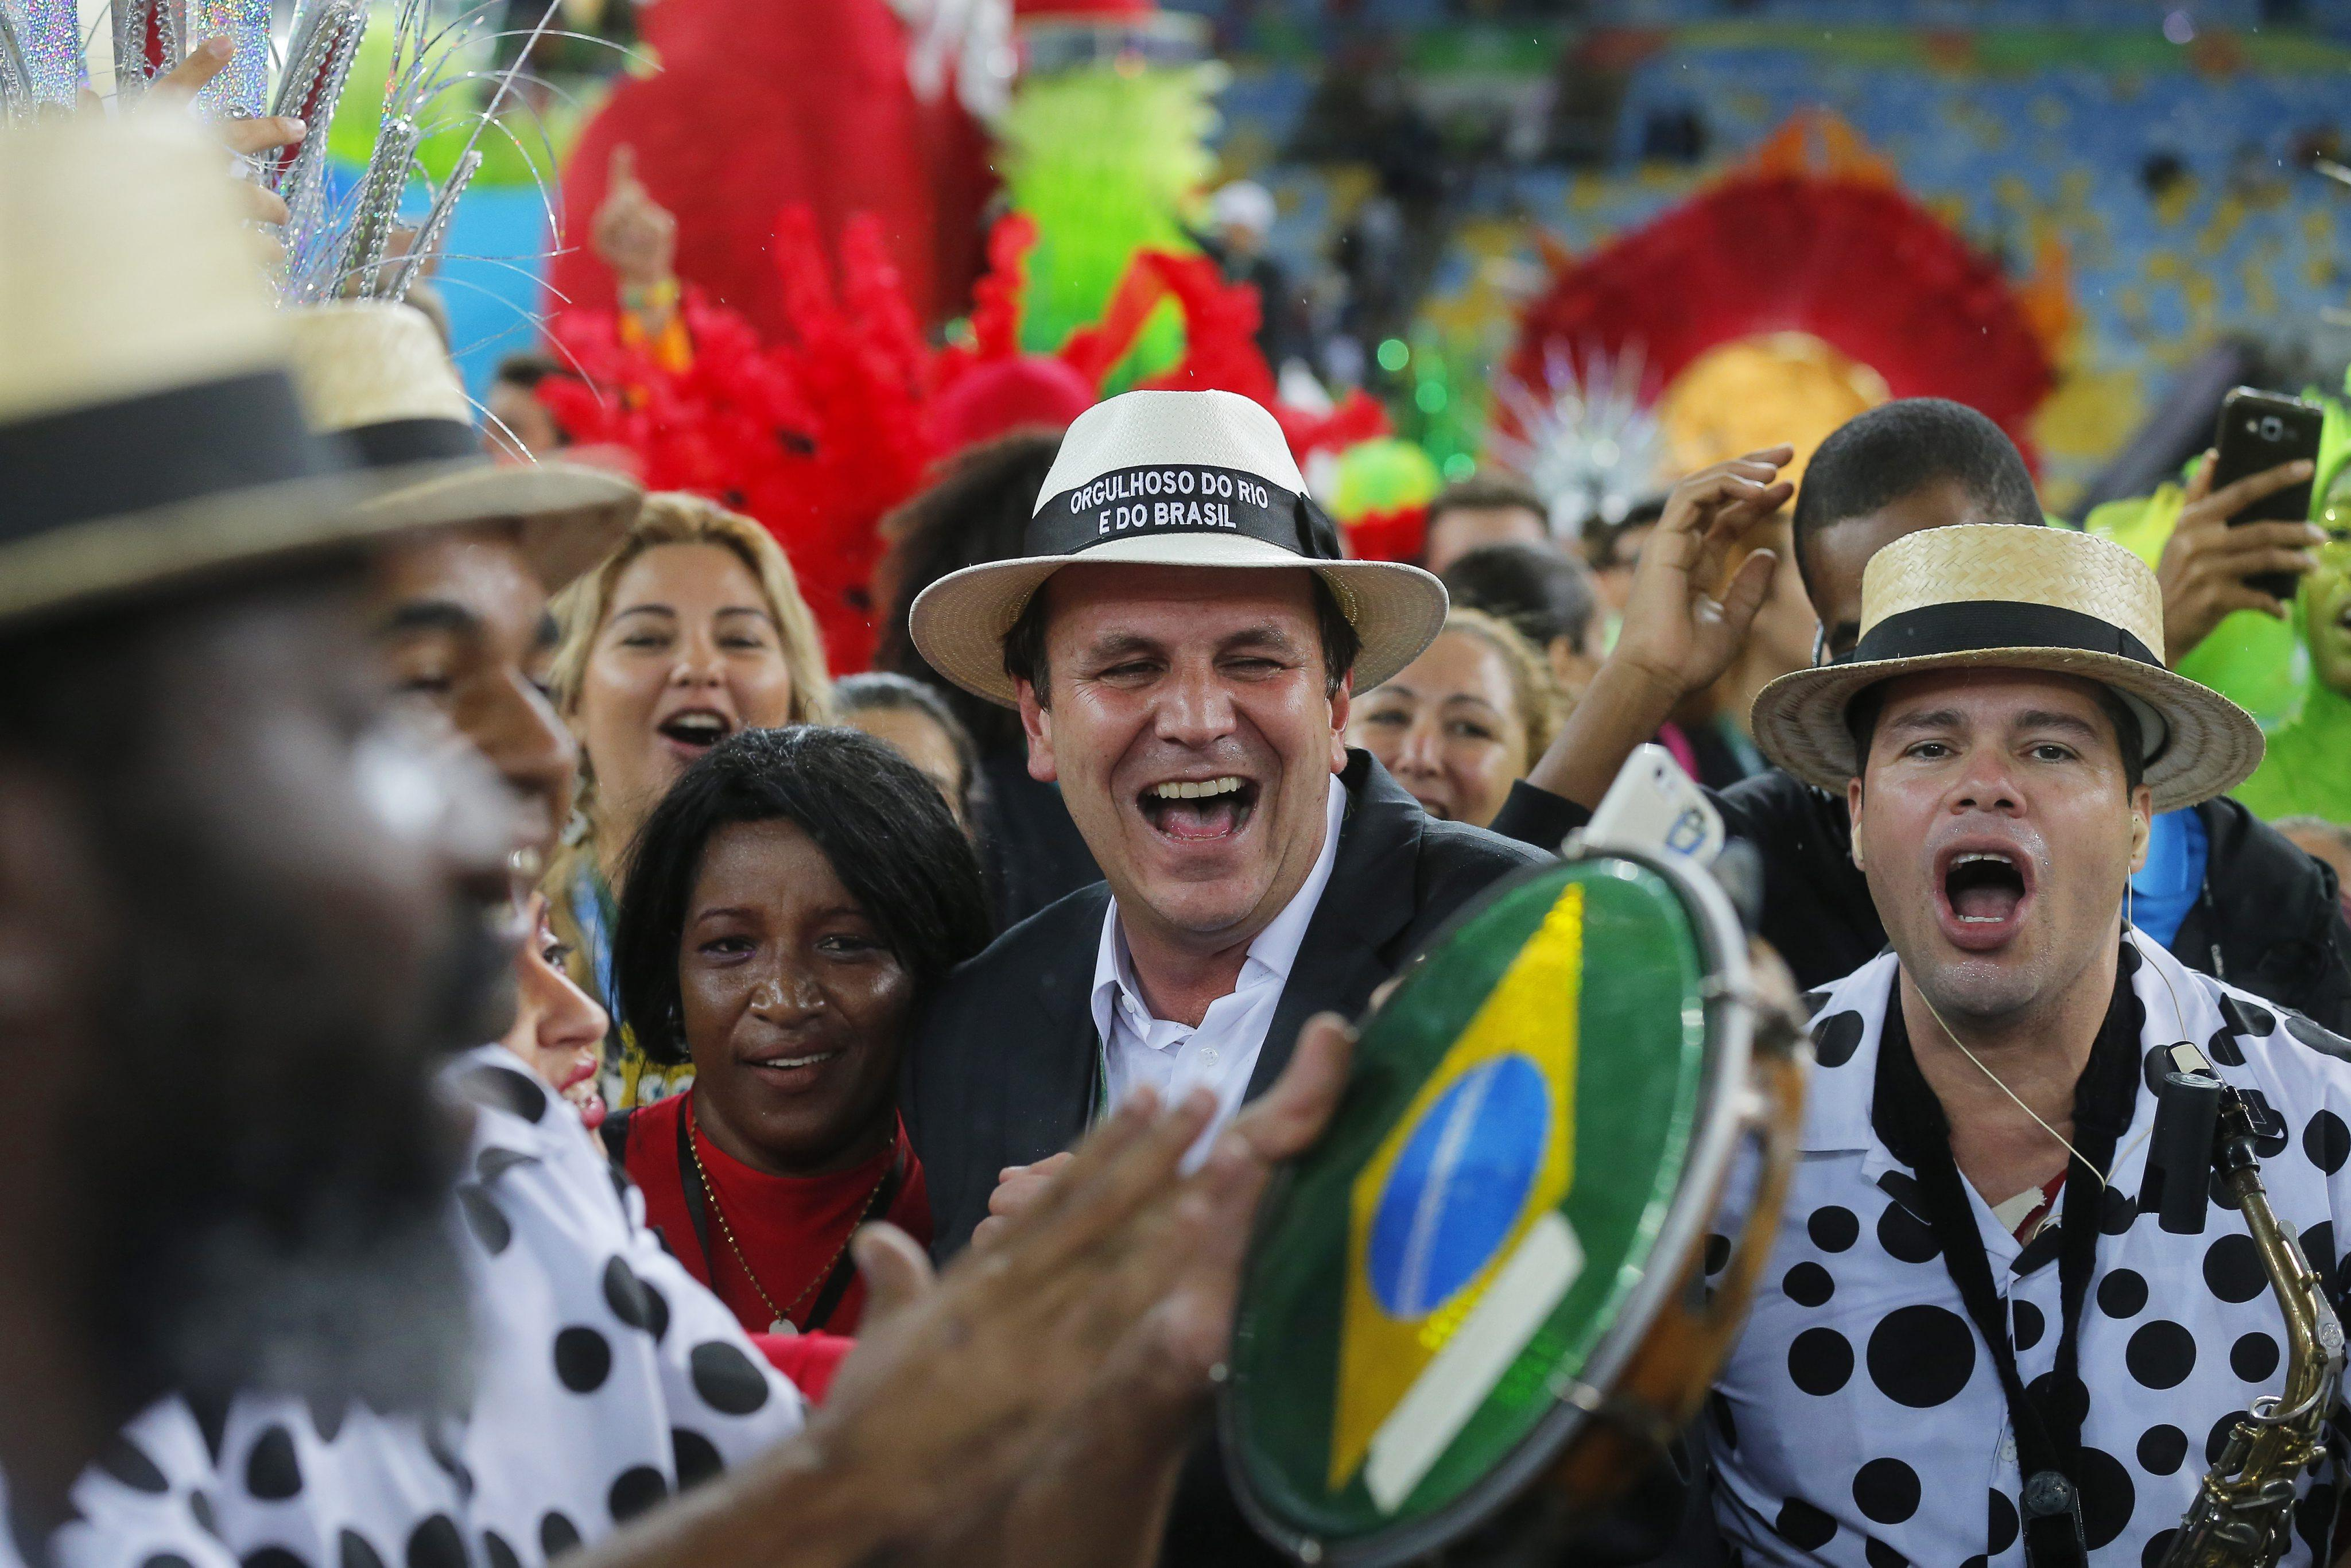 . Rio De Janeiro (Brazil), 21/08/2016.- Rio de Janeiro mayor Eduardo Paes (C) attends the Closing Ceremony of the Rio 2016 Olympic Games at the Maracana Stadium in Rio de Janeiro, Brazil, 21 August 2016. (Brasil) EFE/EPA/SERGEI ILNITSKY